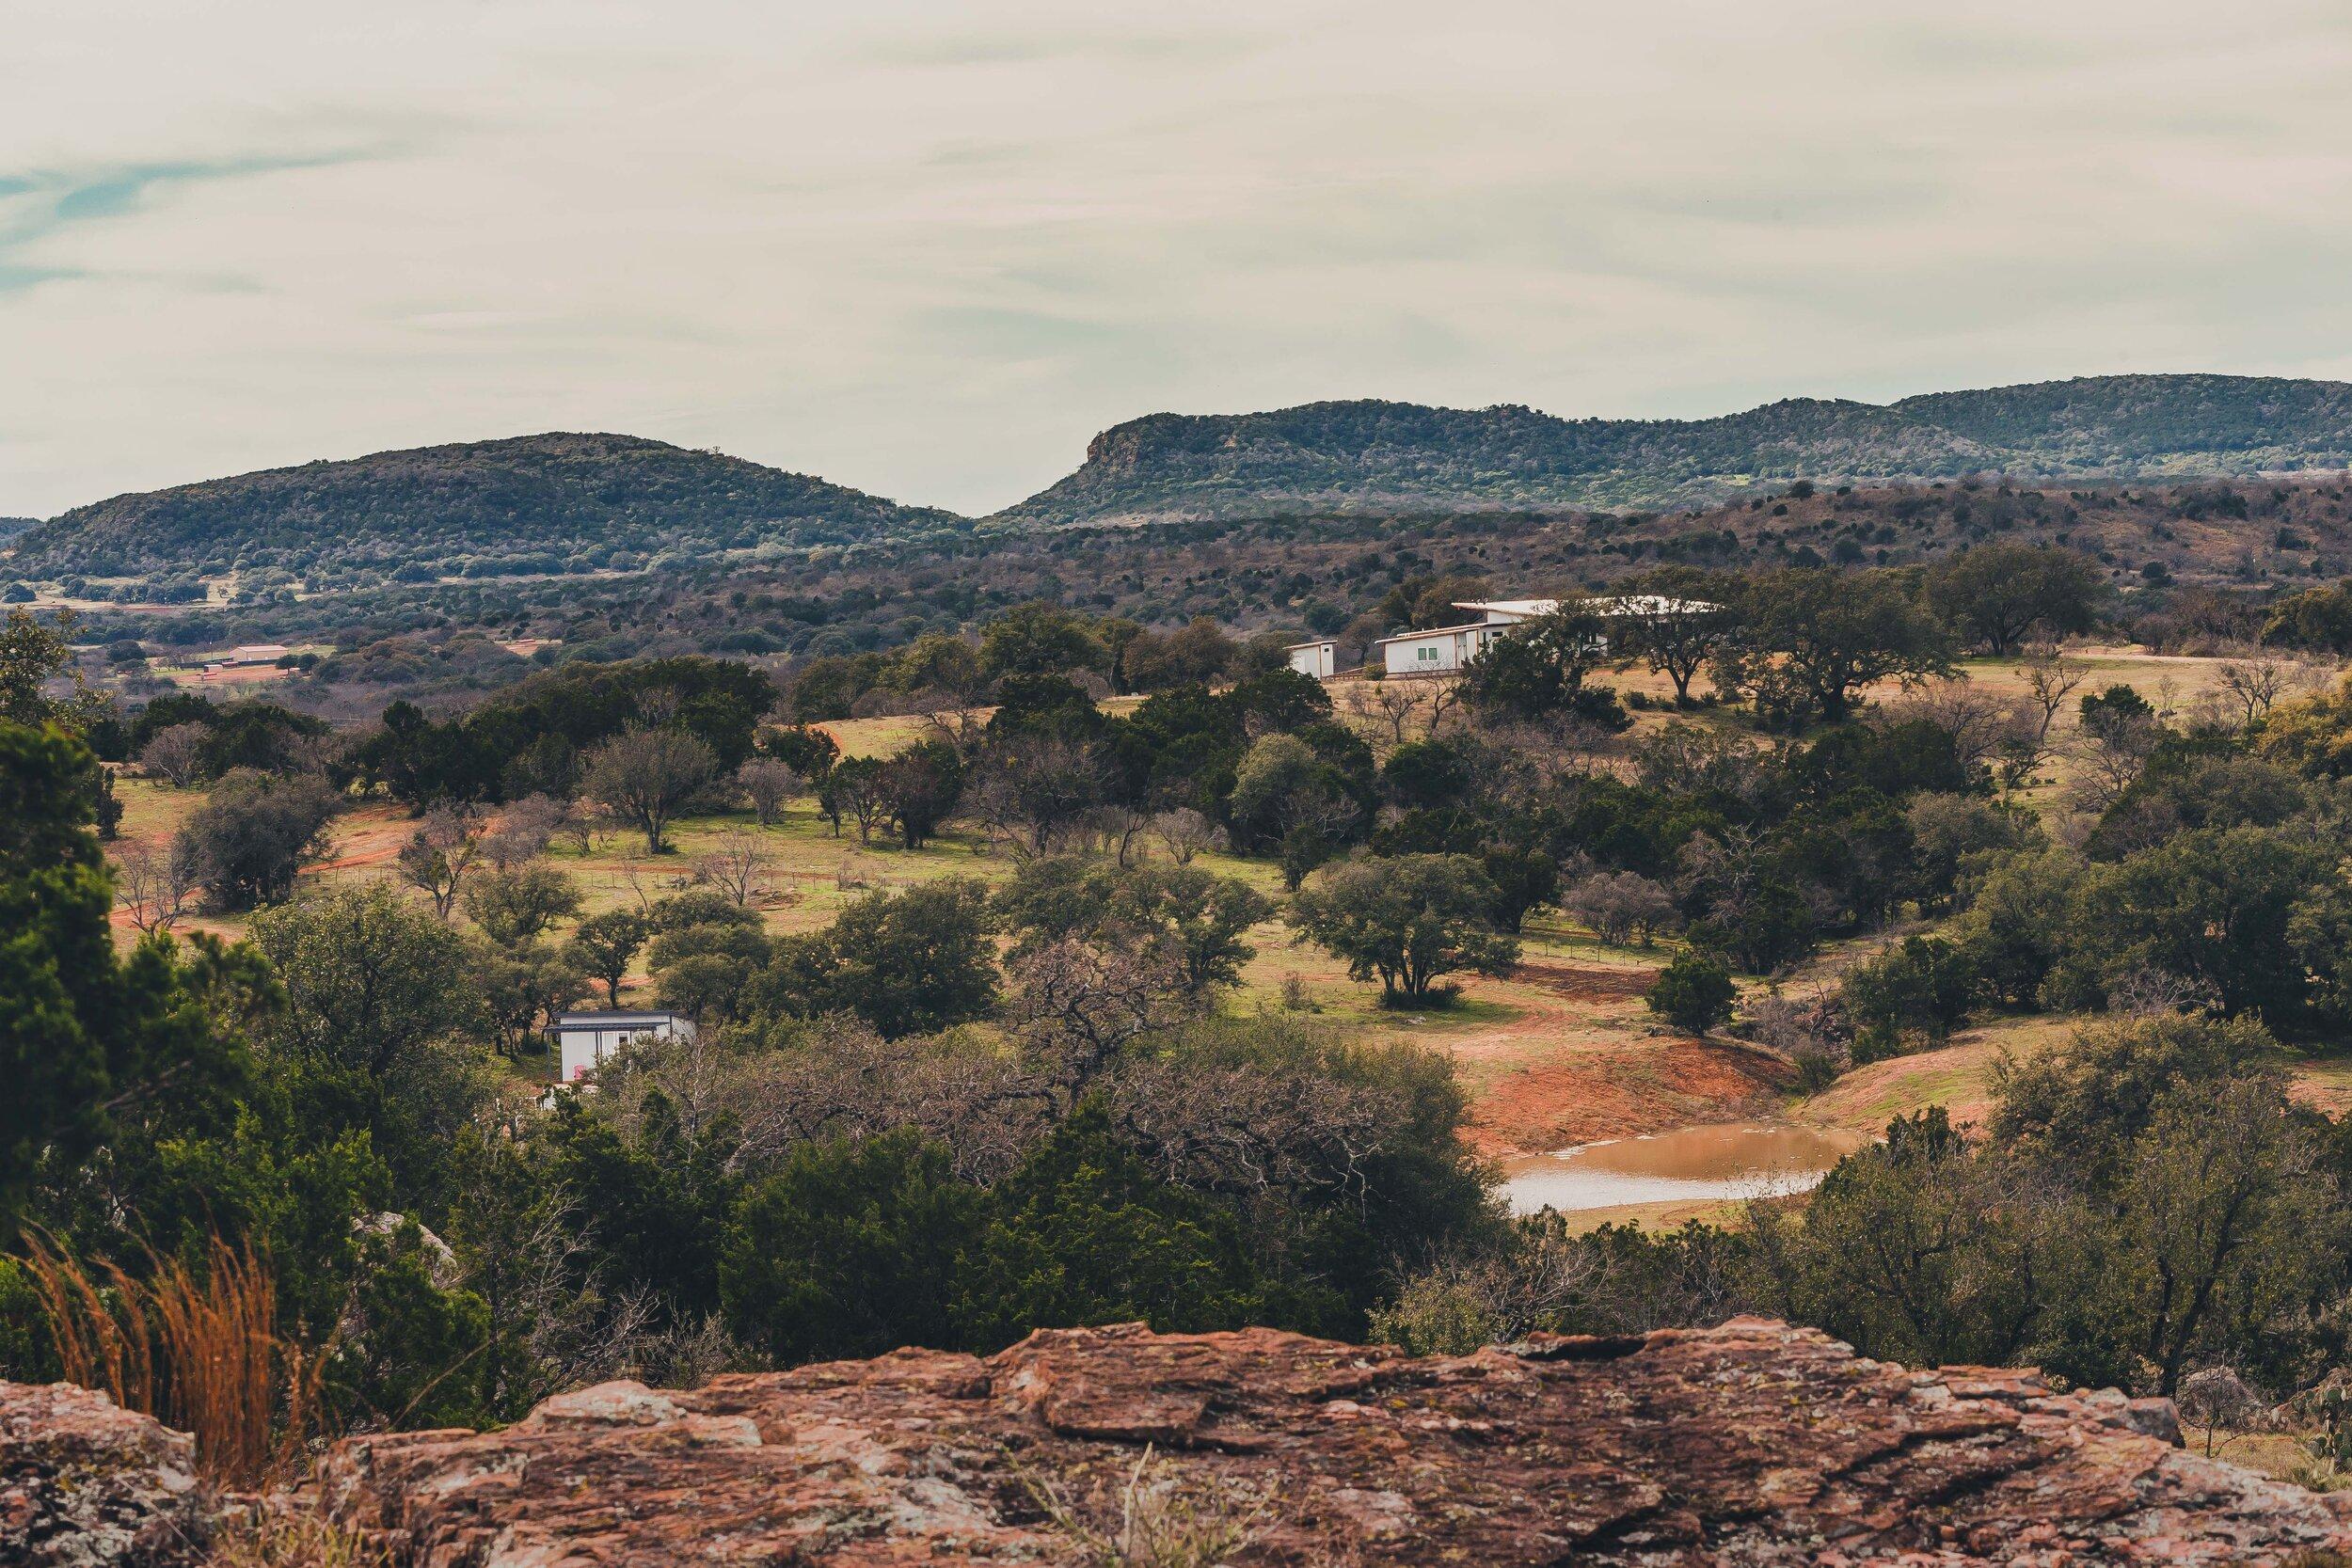 Cuatro Colinas Recreational Ranch